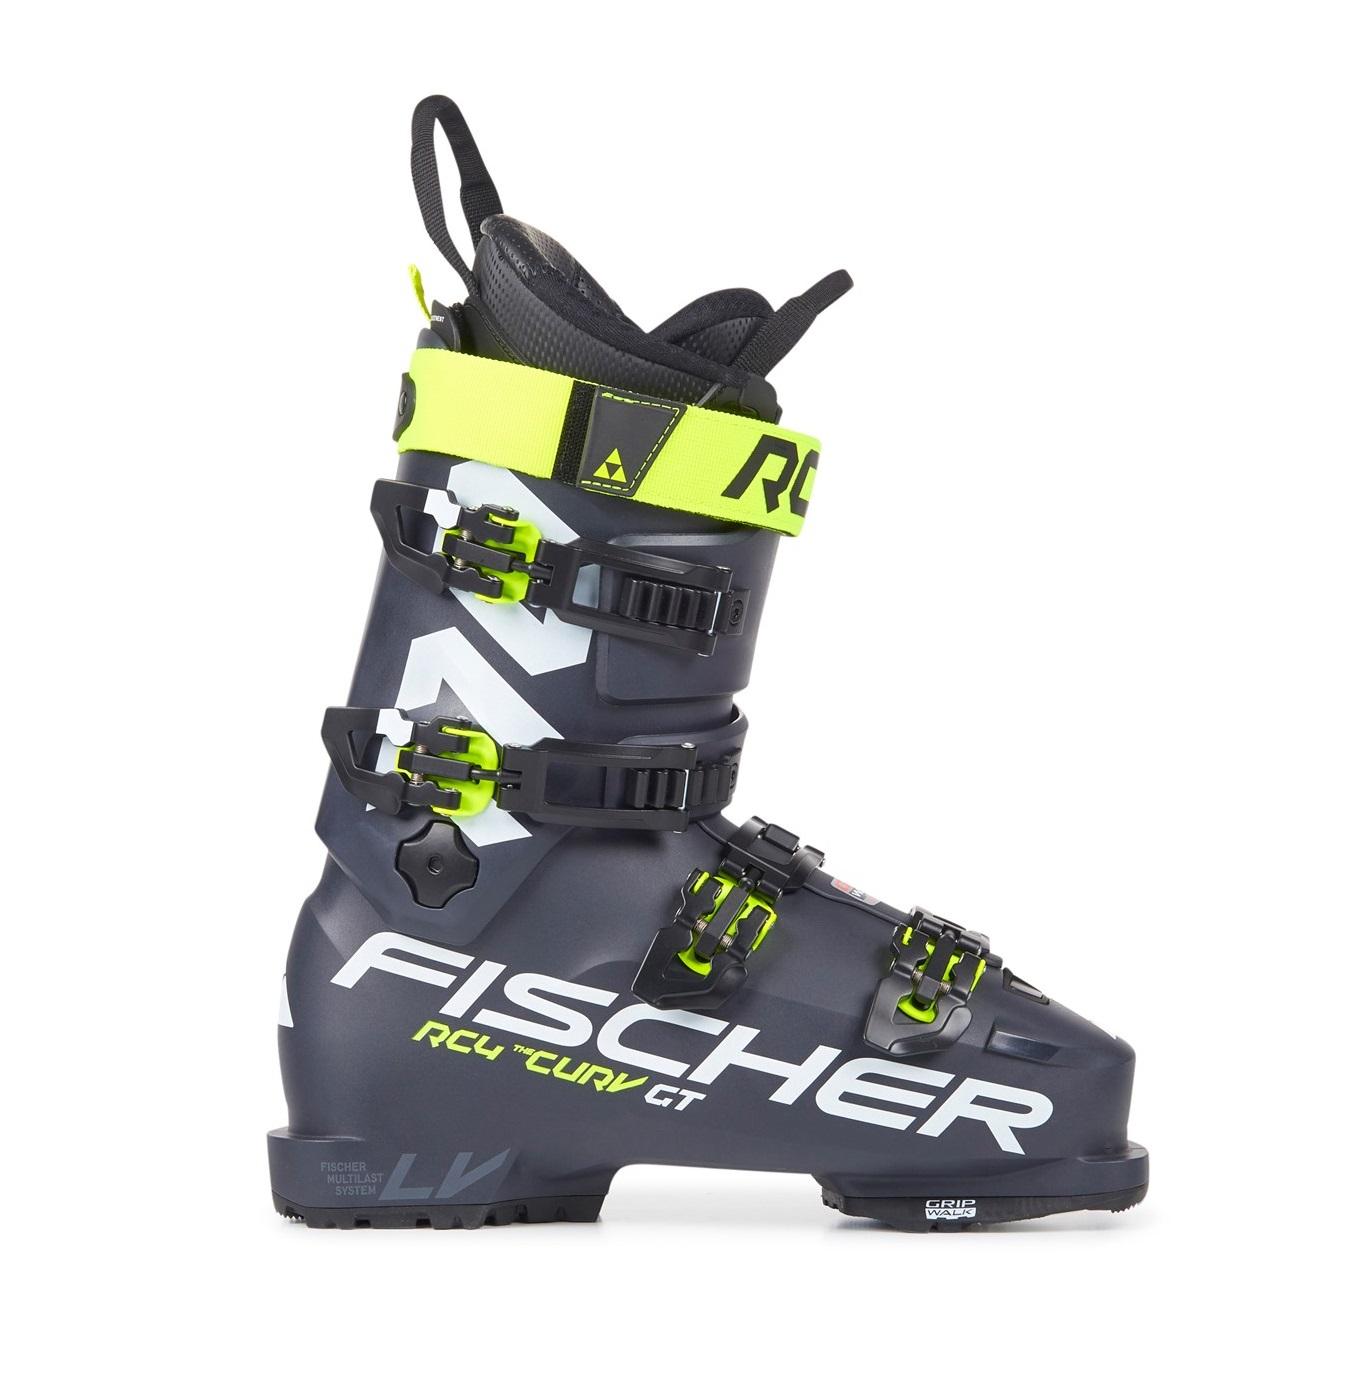 Fischer RC 4 The Curv GT 110 U 05320 heren skischoenen